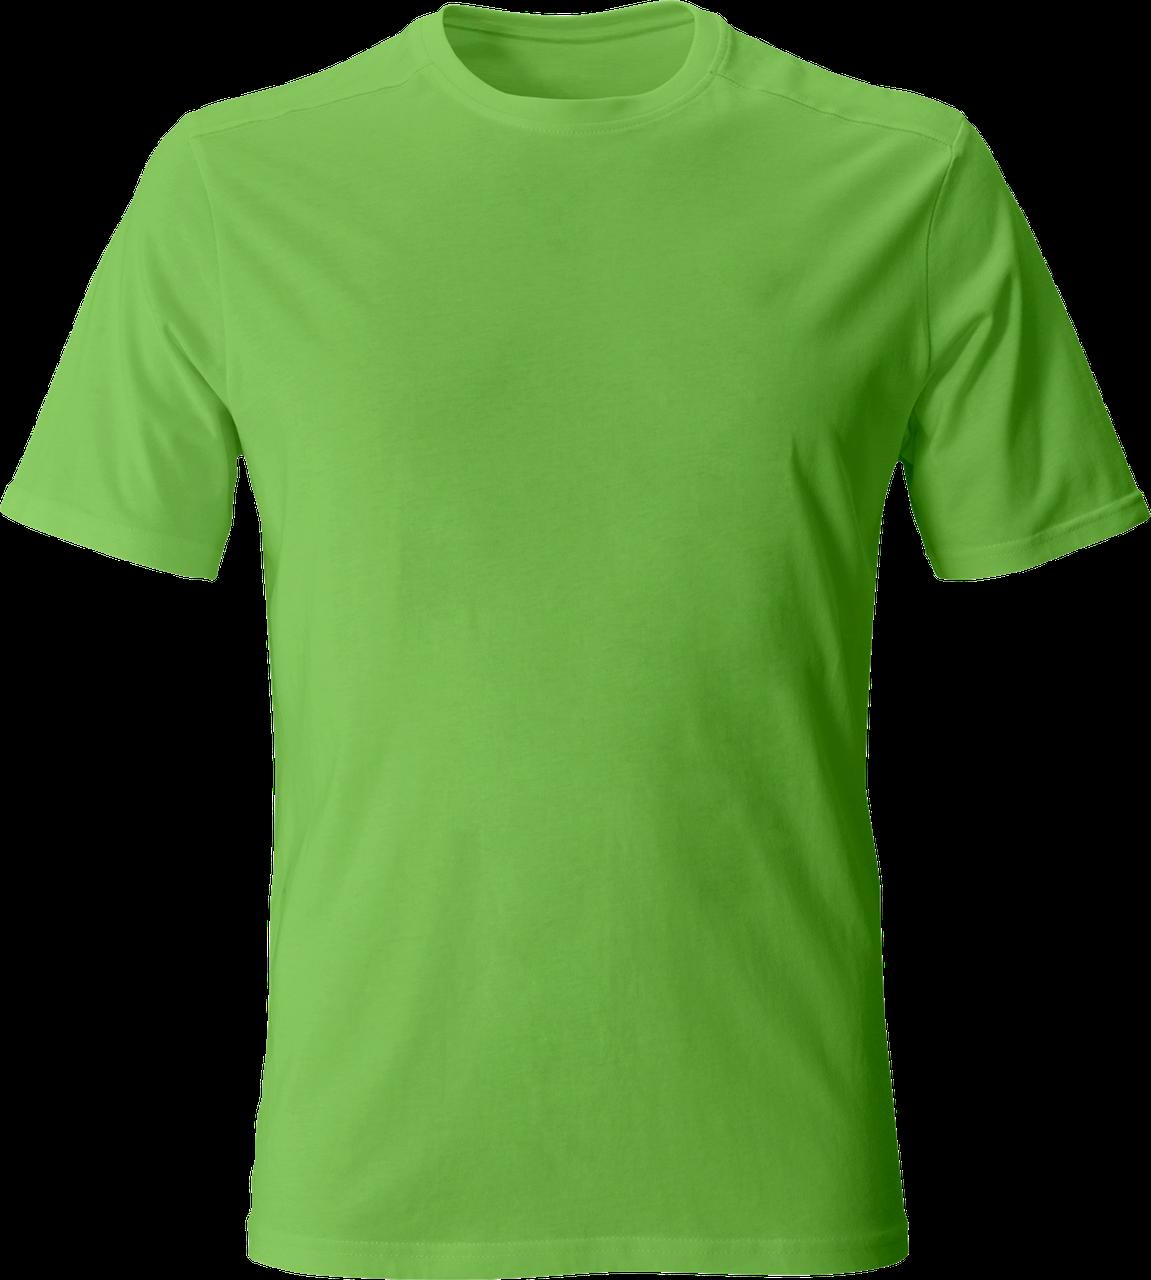 Футболка для нанесения лого (155г.)